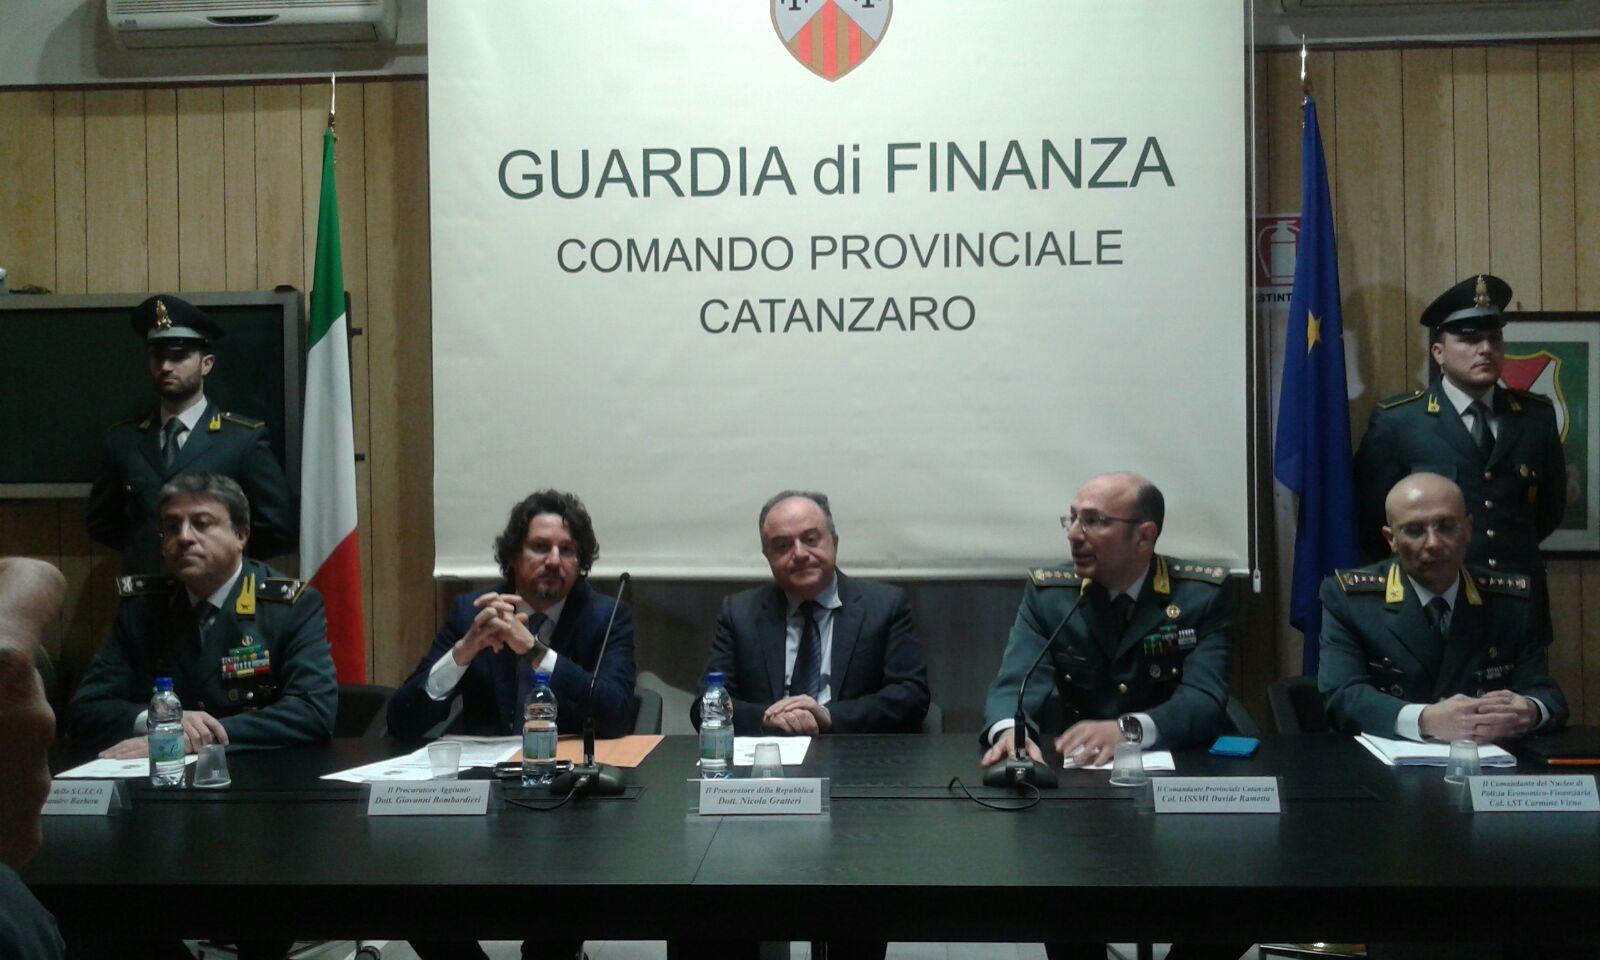 Cinque tonnellate di marijuana dall'Albania all'Italia  Scoperta organizzazione, 25 arresti. Tre sono boss